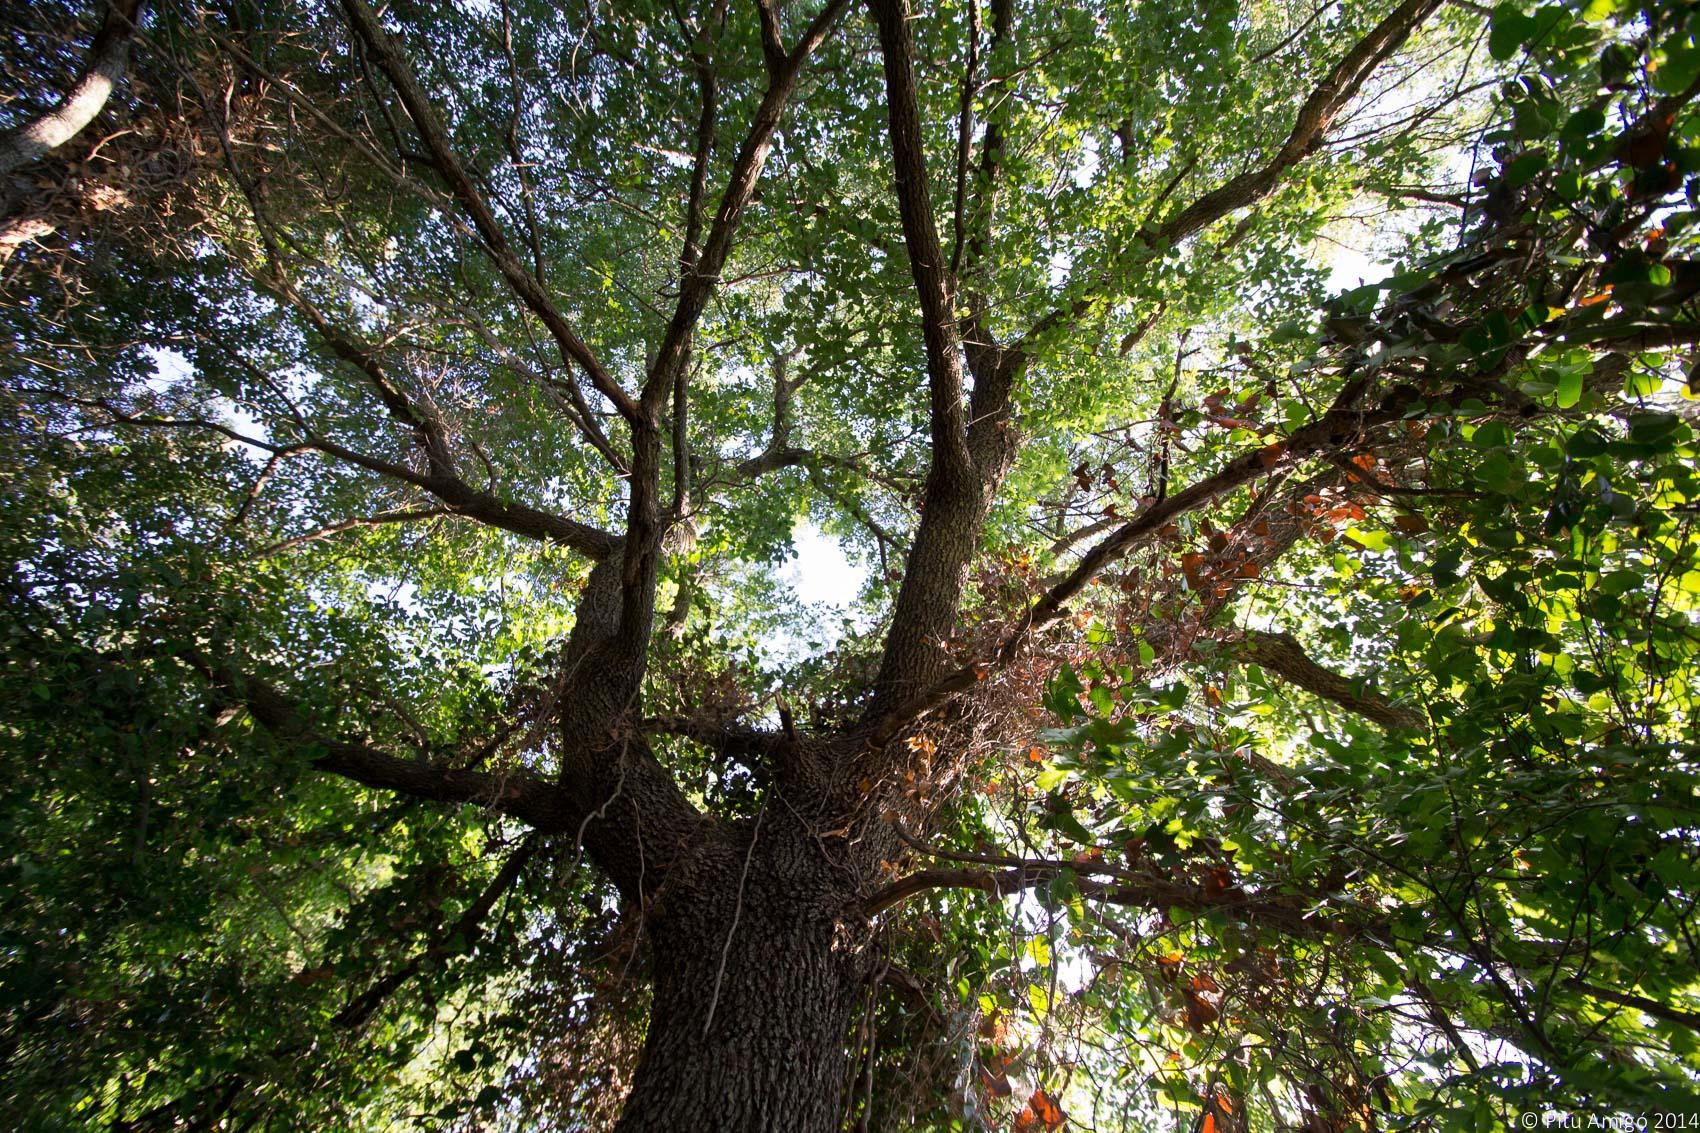 El reboll del Peu del Bosc, Quercus cerrioides. L'Espluga de Francolí. Arbres Singulars.